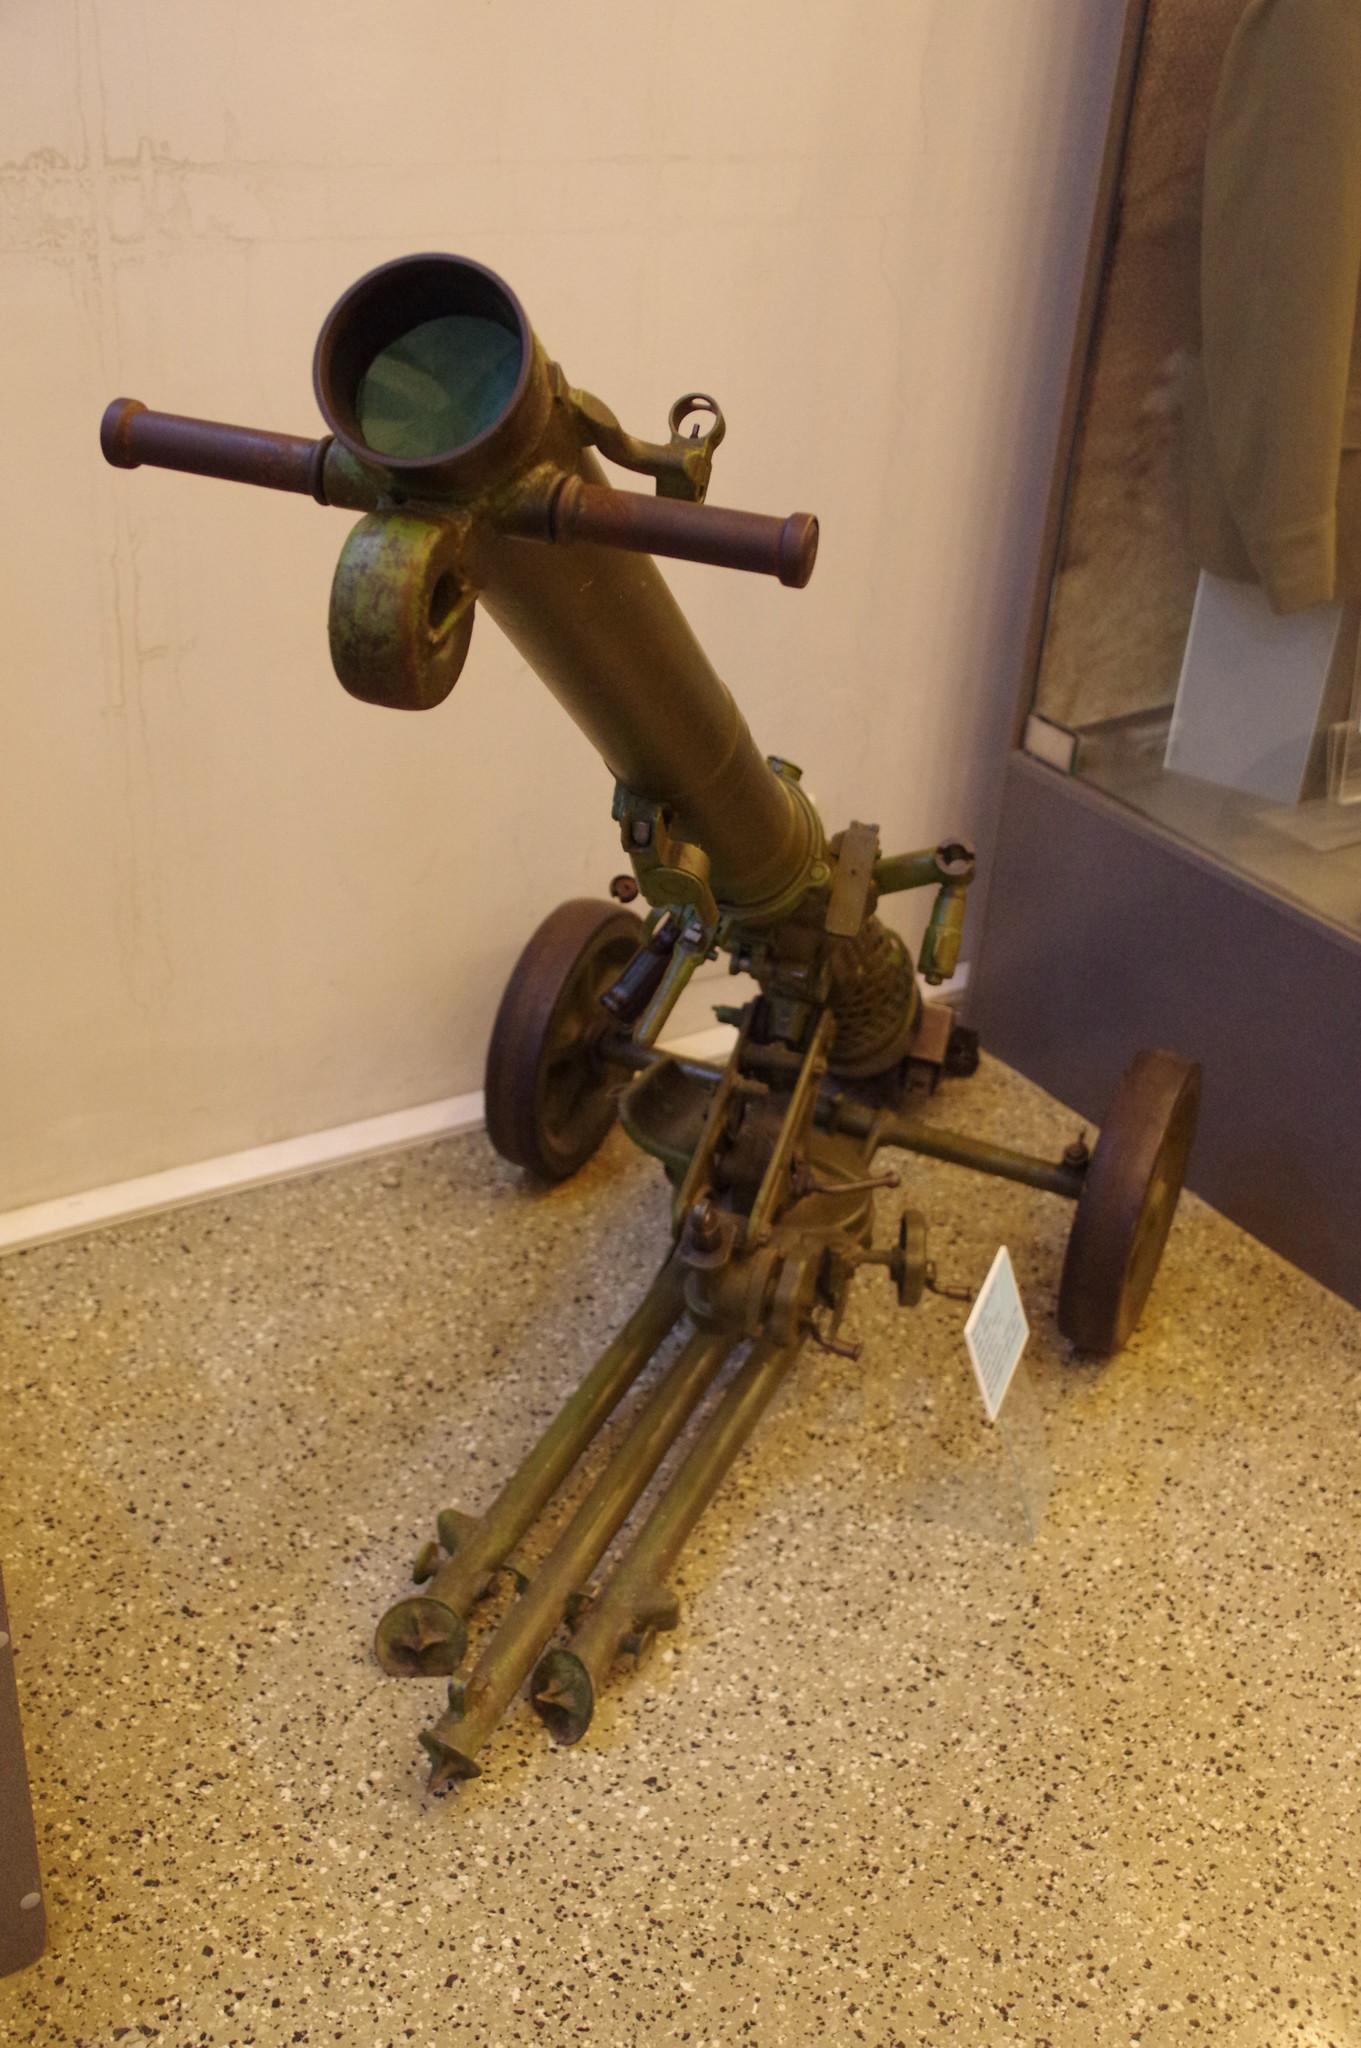 82-мм безоткатное орудие Б-10 в экспозиции Центрального музея Вооружённых сил Российской Федерации